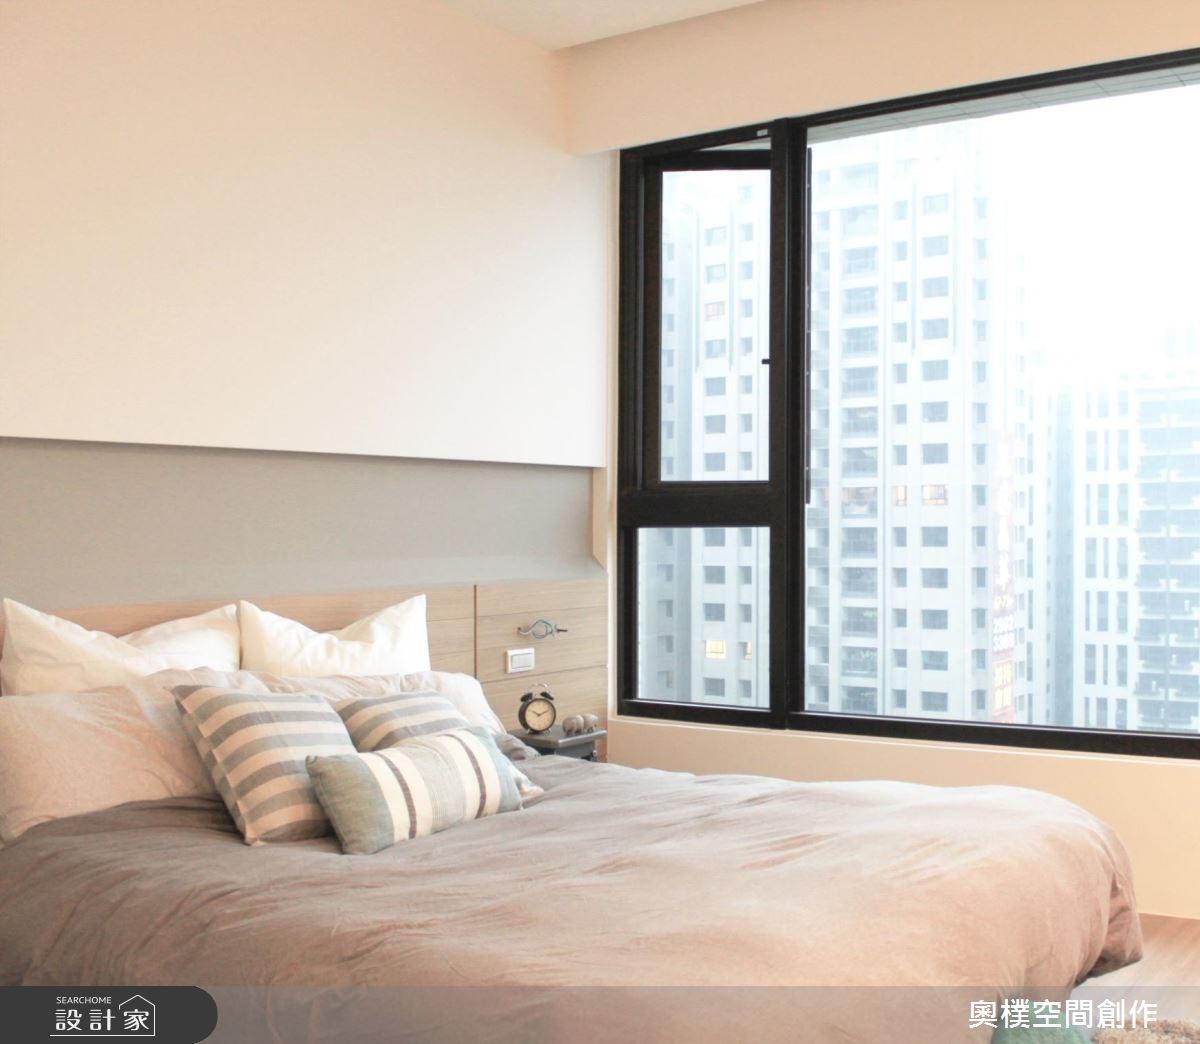 28坪新成屋(5年以下)_北歐風臥室案例圖片_奧樸空間創作有限公司_奧樸_02之14